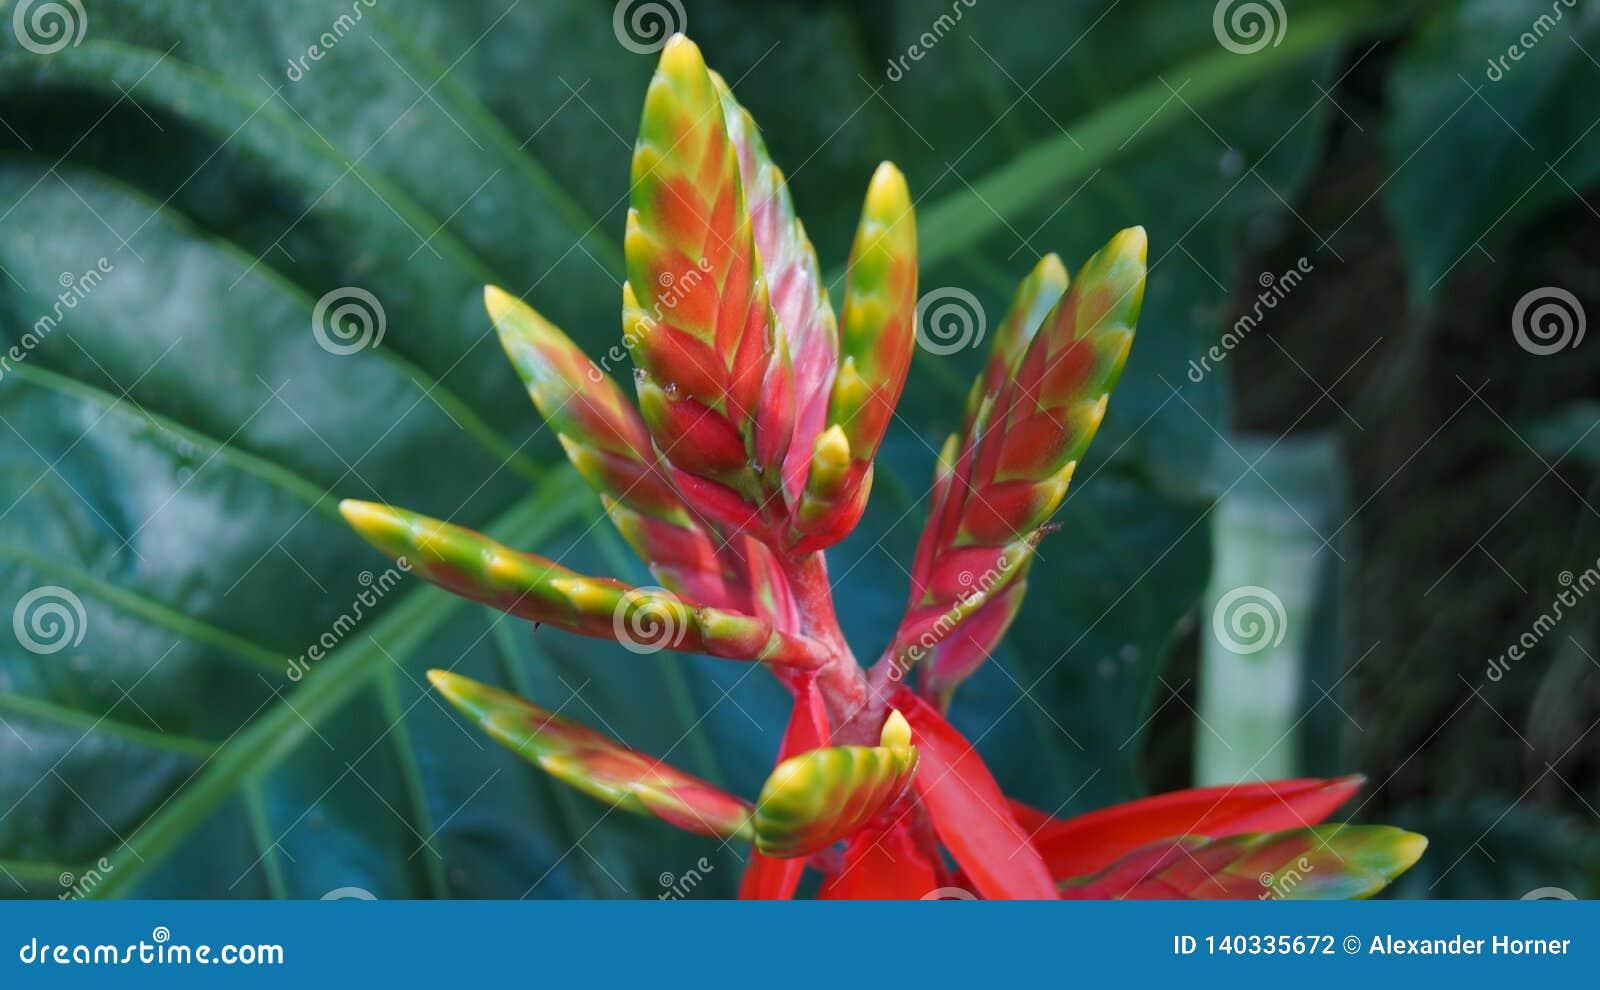 Colourfull blossom in botanical garden